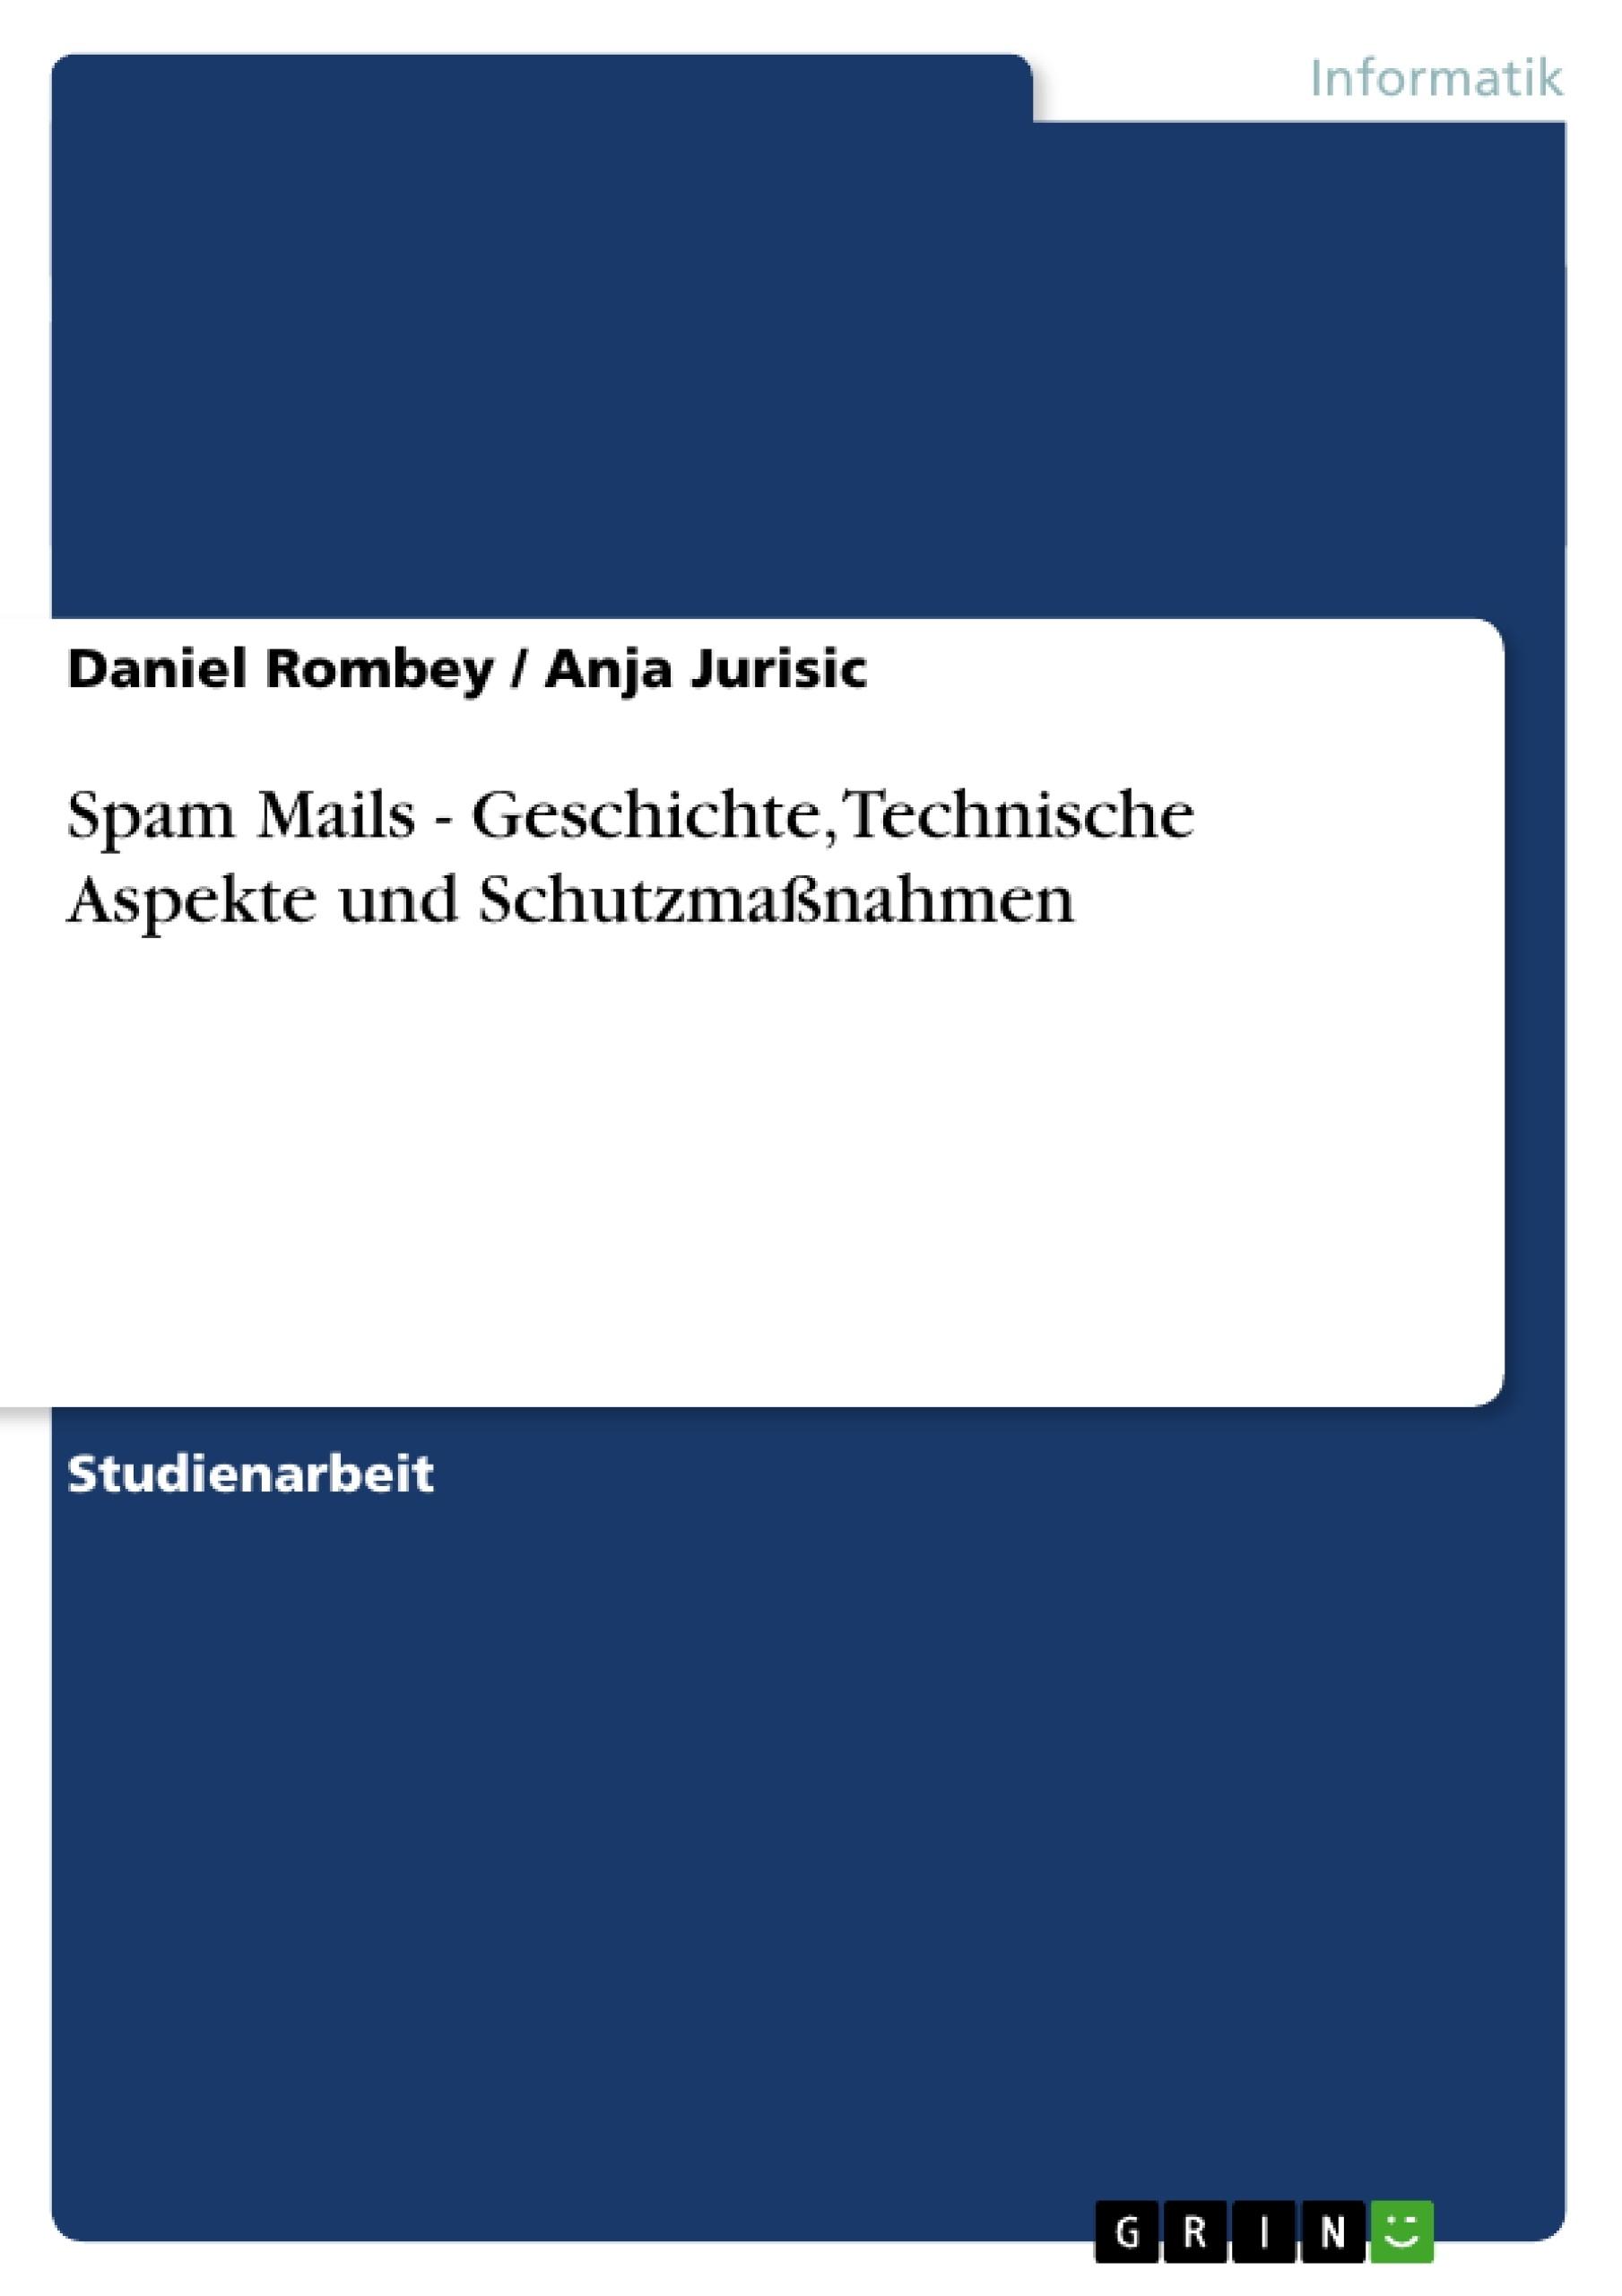 Titel: Spam Mails - Geschichte, Technische Aspekte und Schutzmaßnahmen